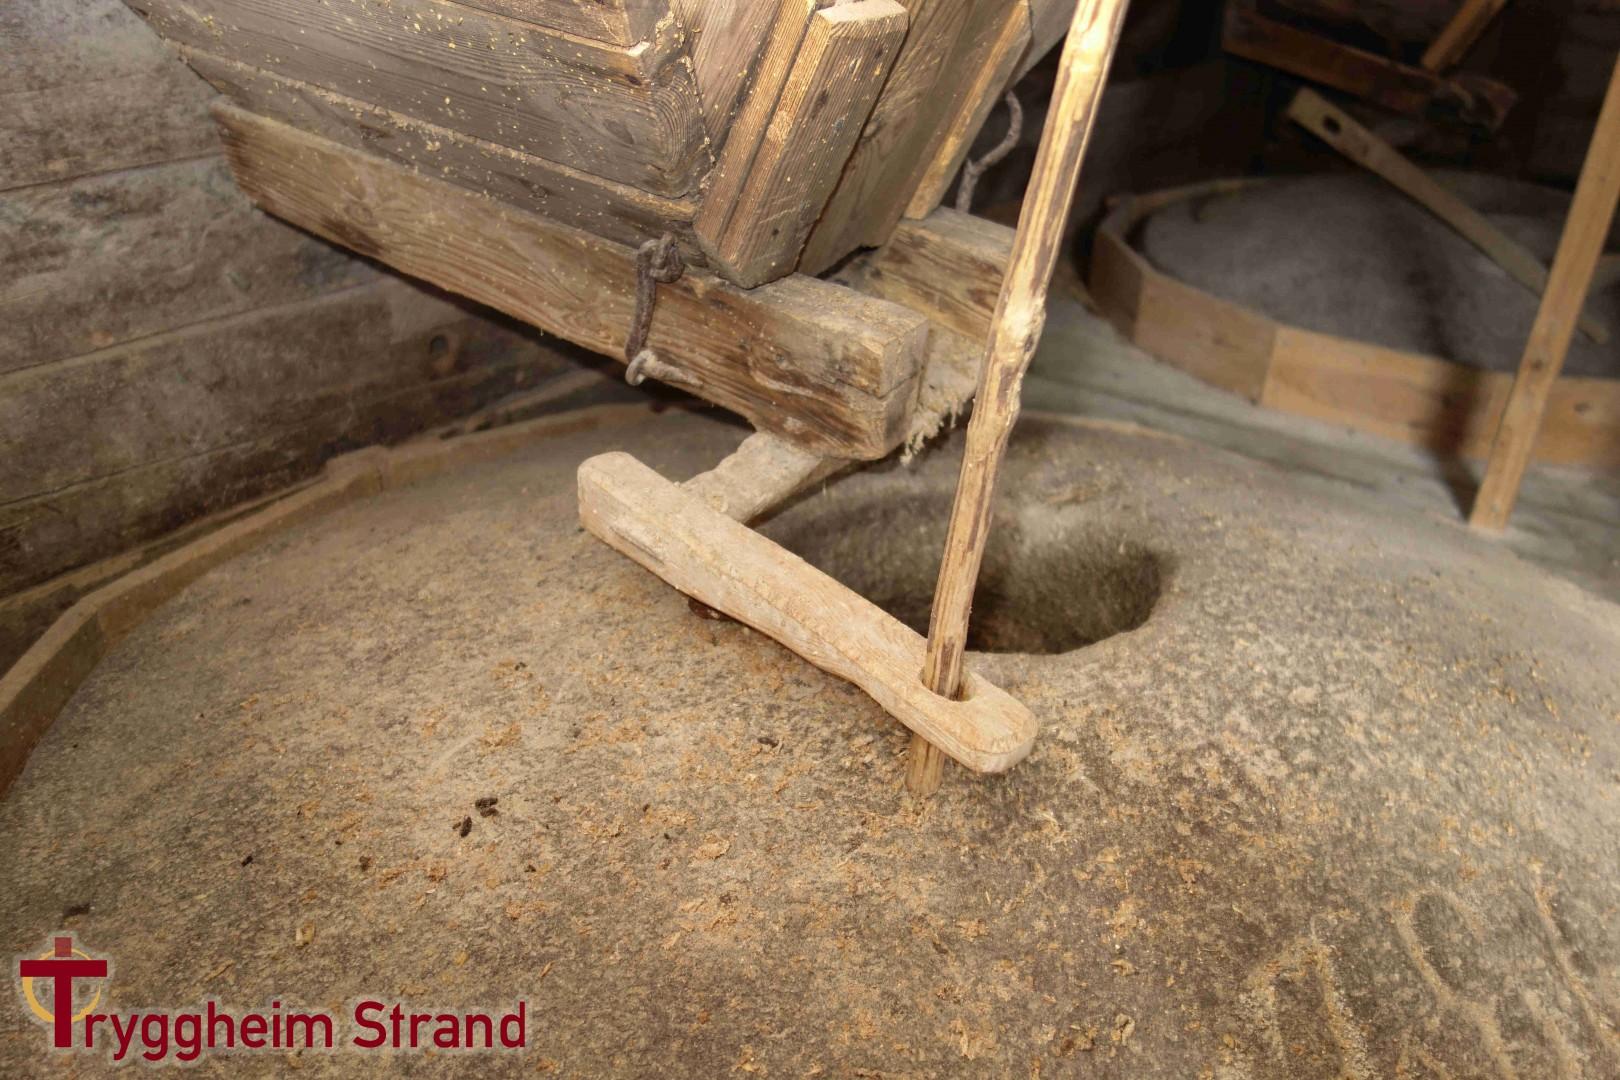 Automatisert utmating av korn, forårsaka av vibrasjonar. Finurlige løysningar på enkle problem var mogleg òg i gamle tider.